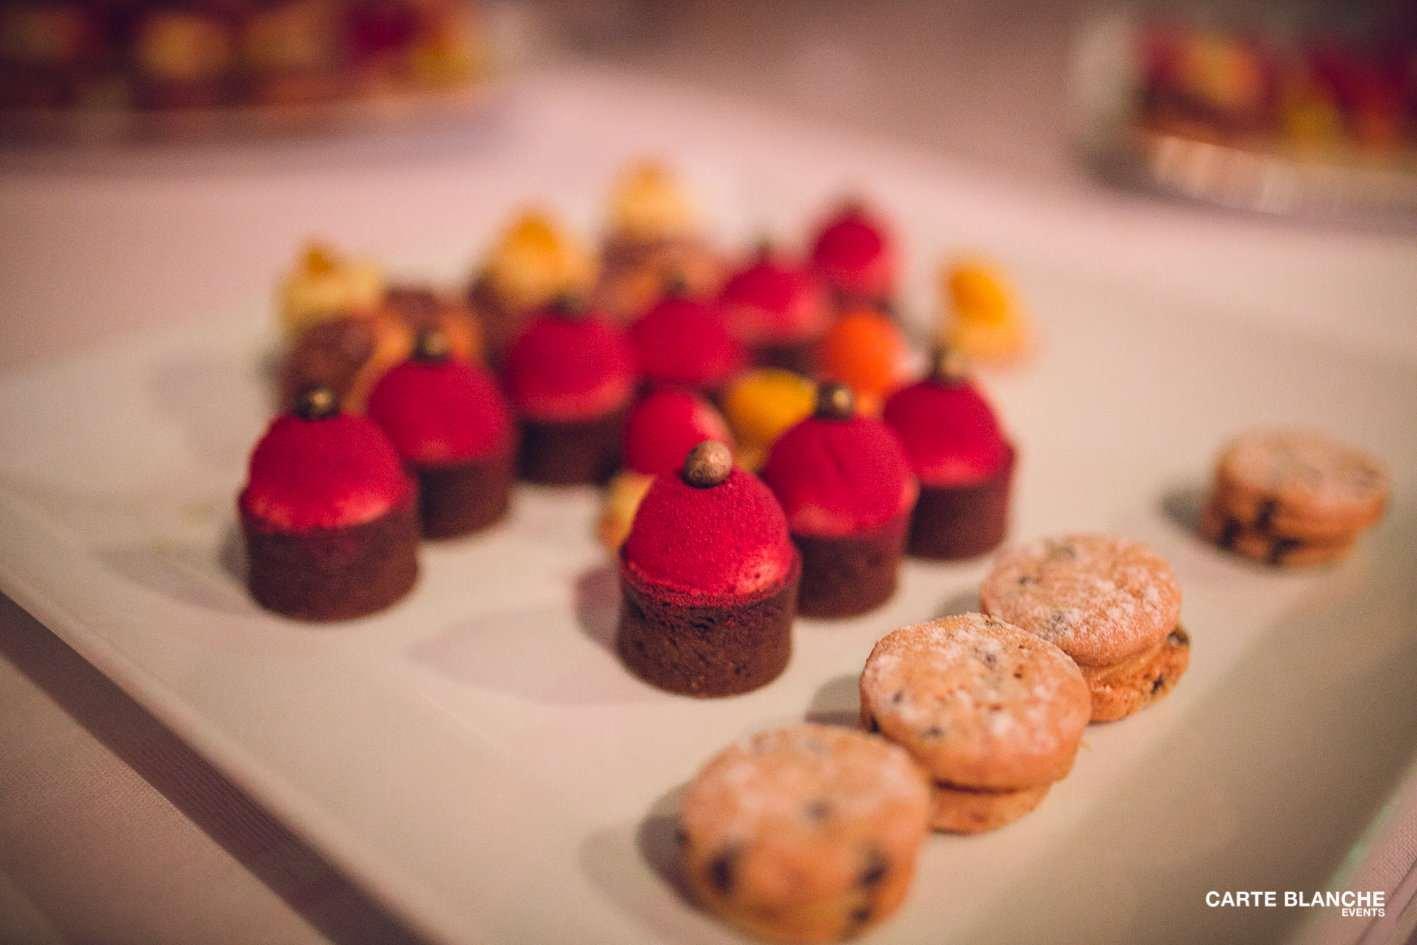 15-ans-inowai-gourmandise-dessert-évenementiel.jpg